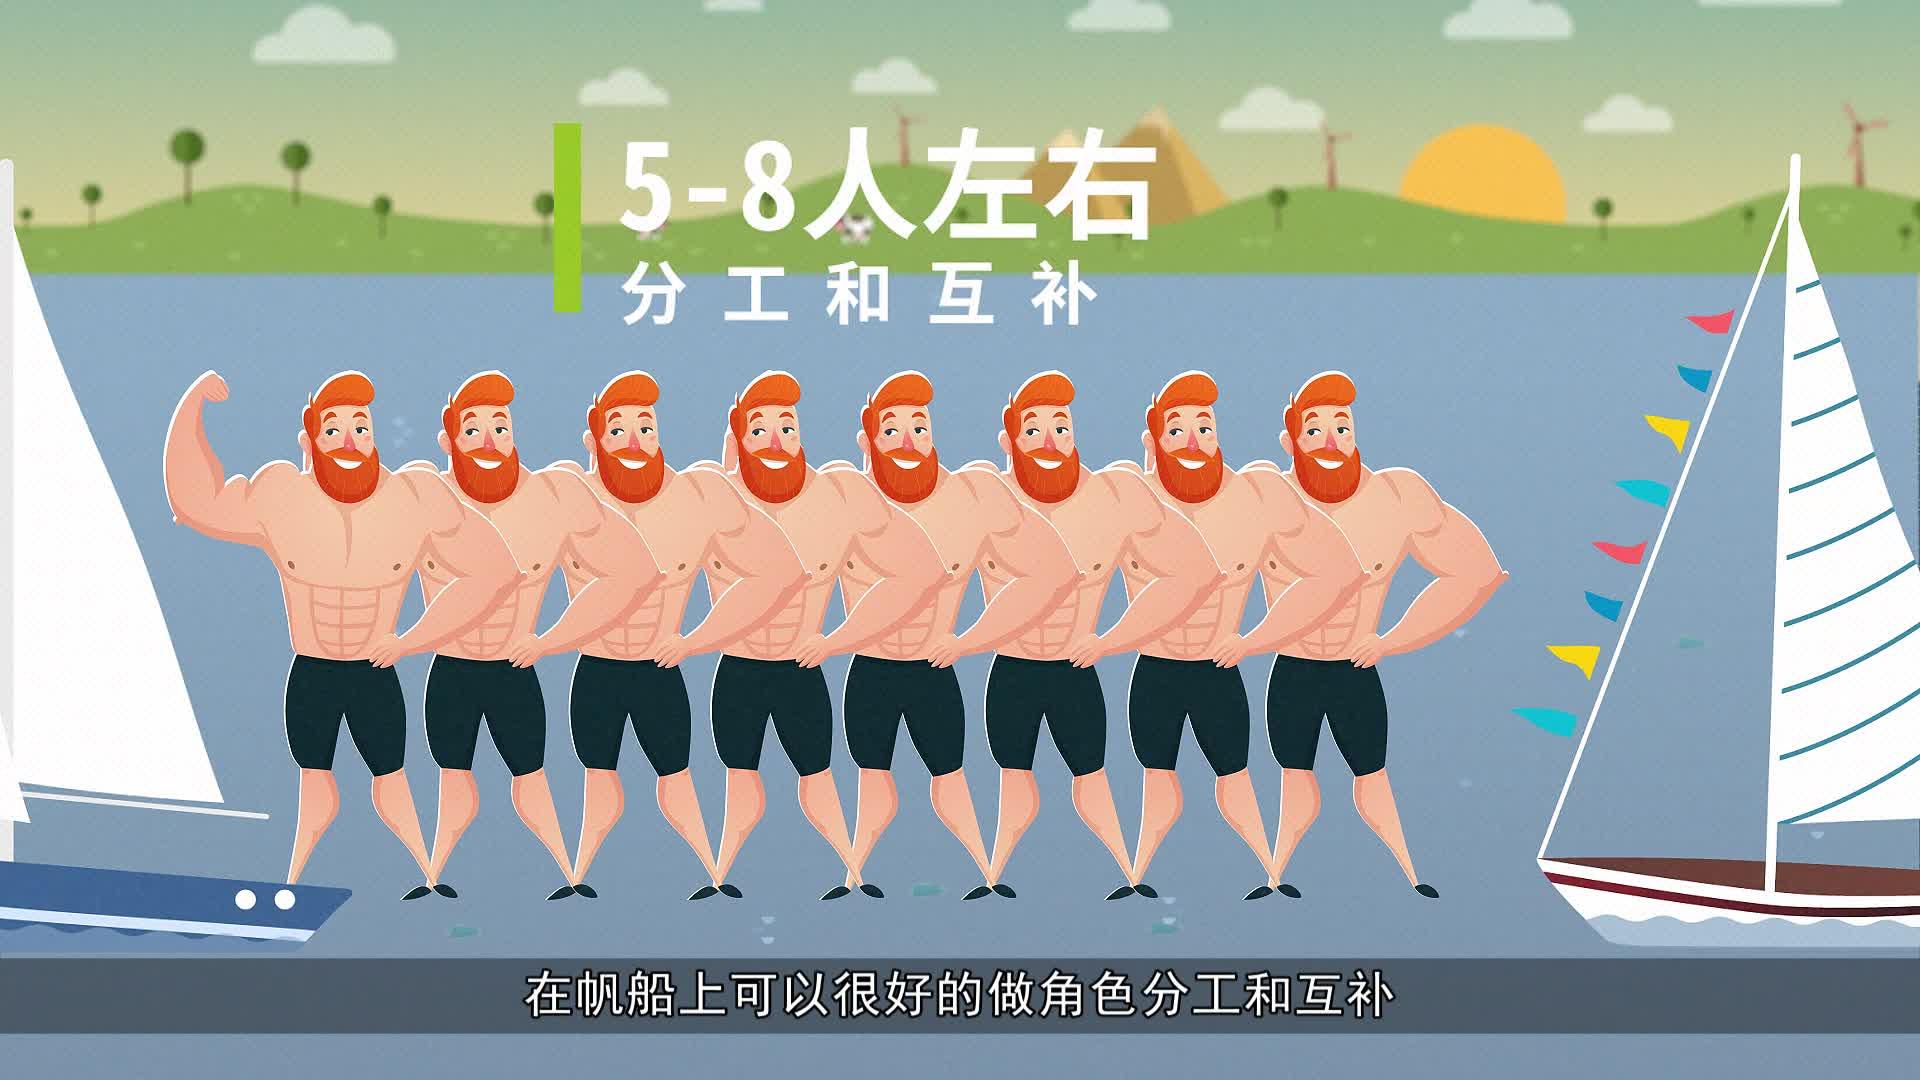 帆船运动小知识:每船有5-8人 分工不同